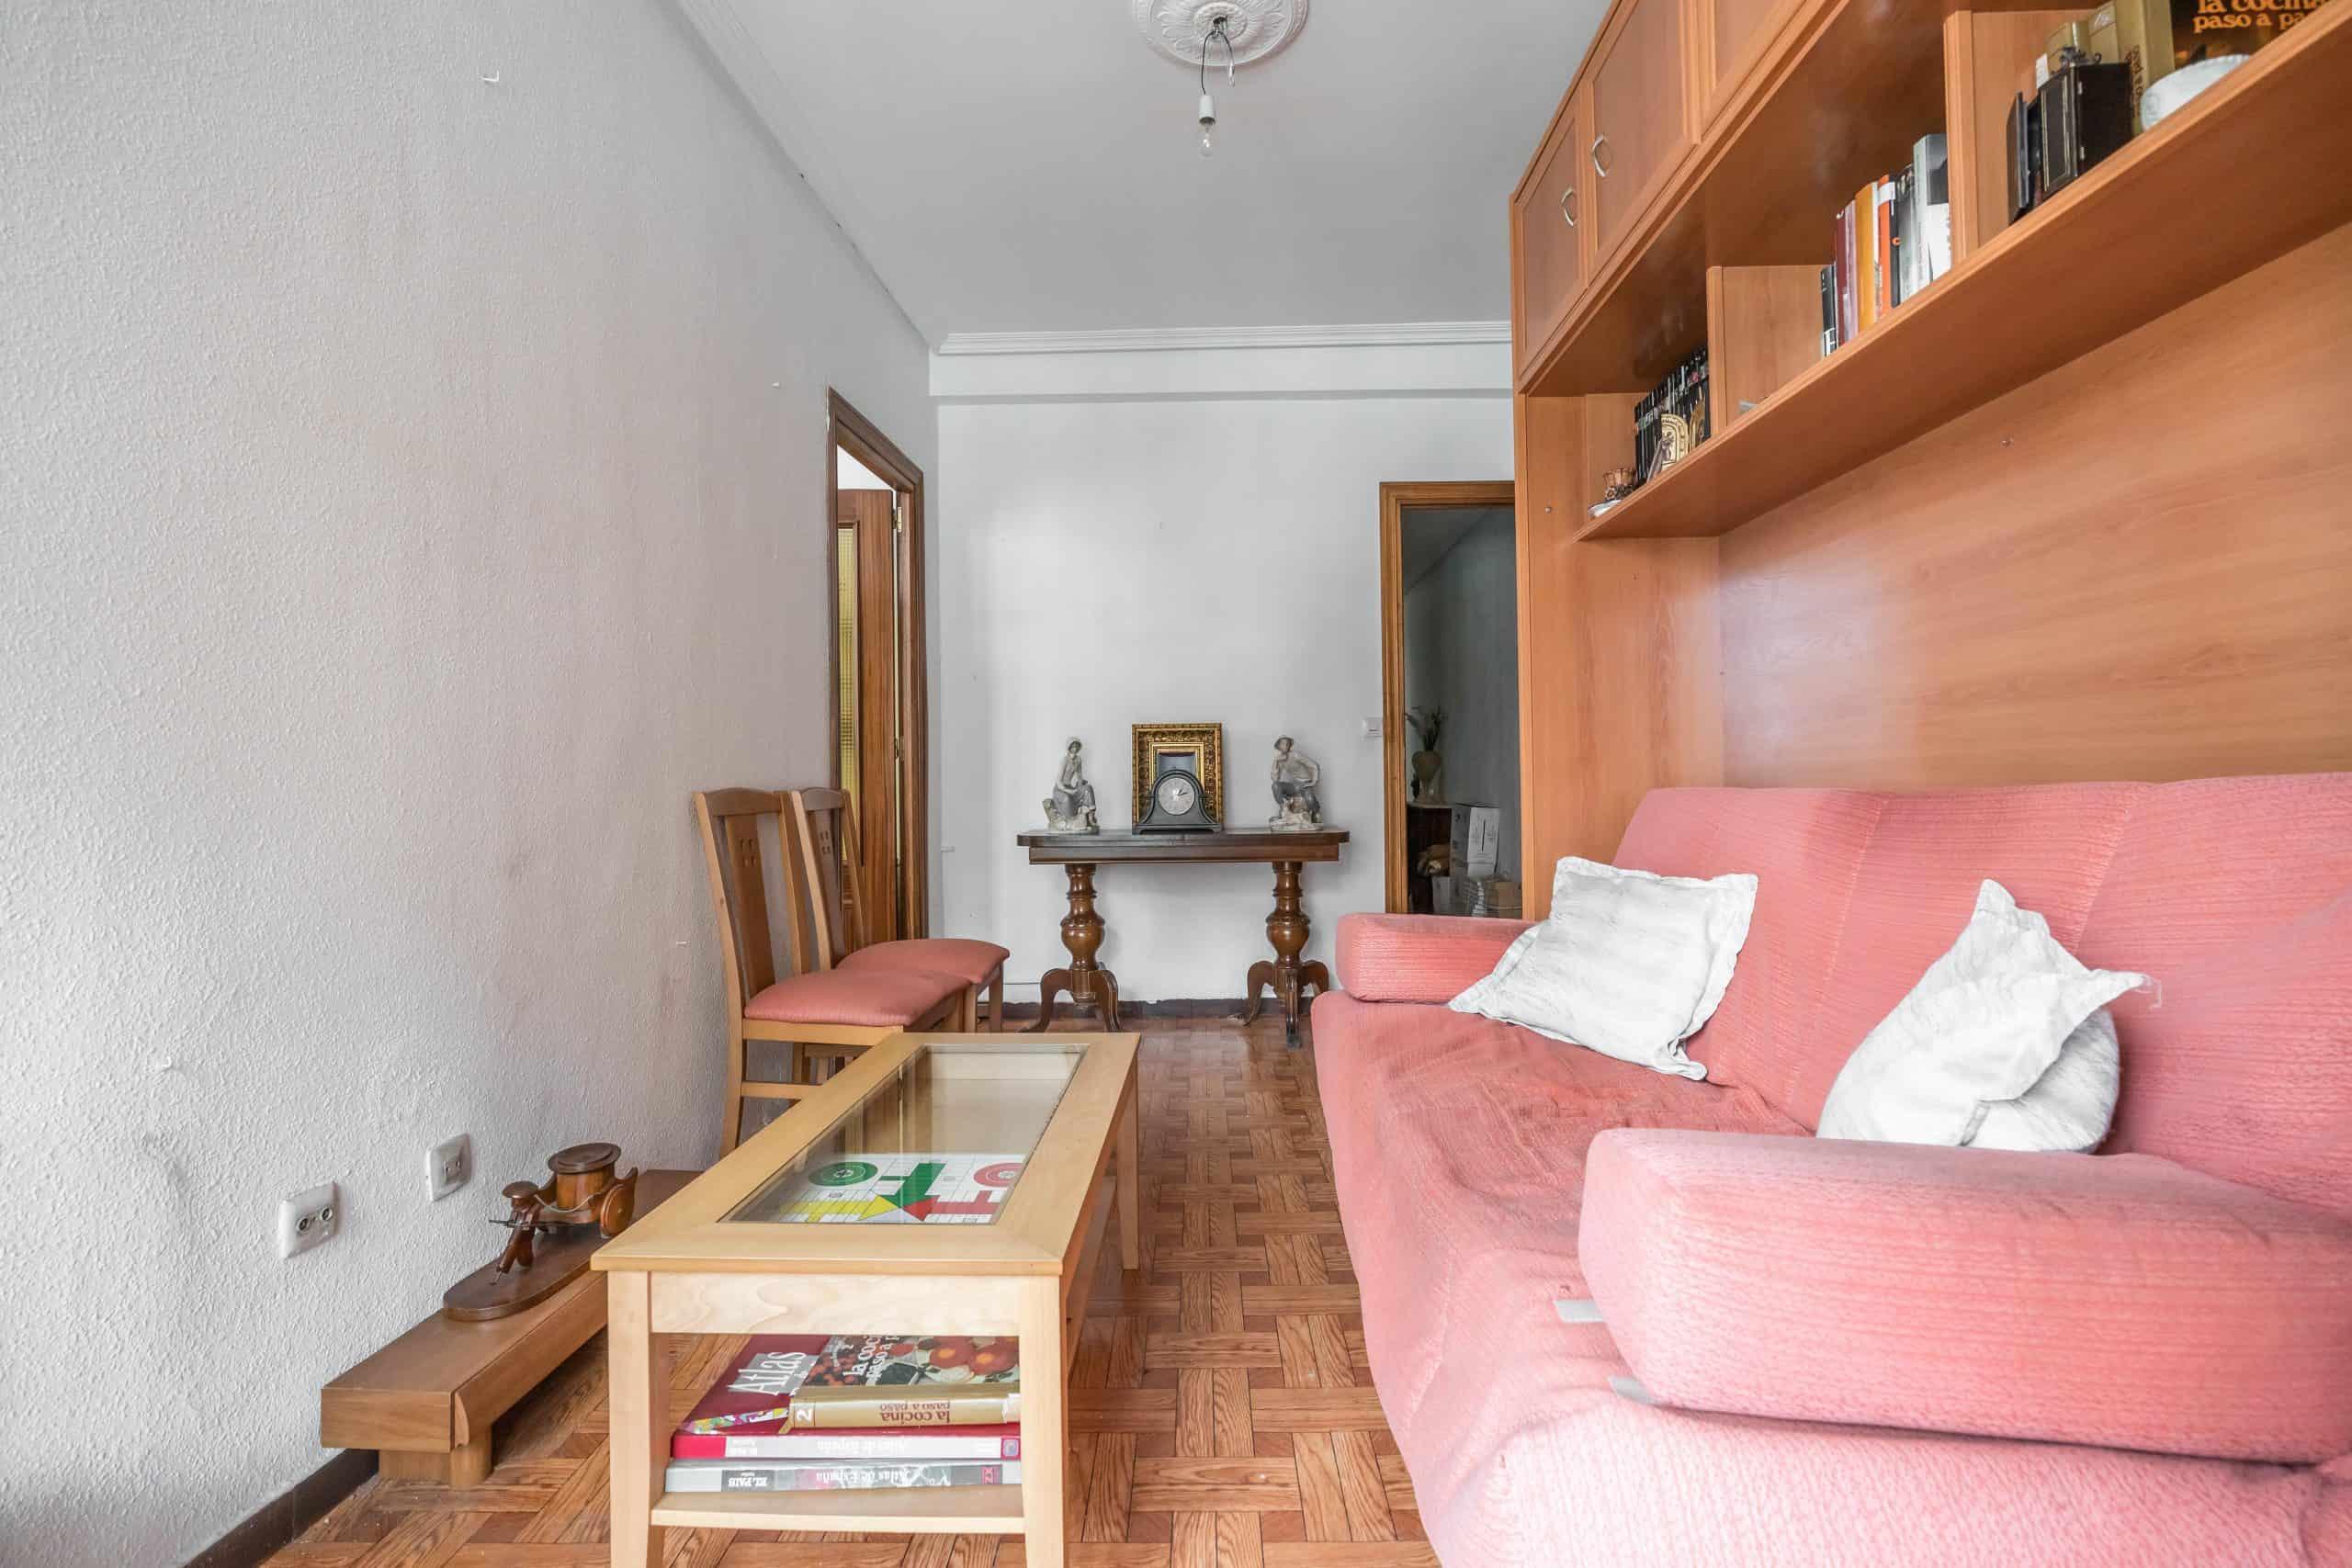 Agencia Inmobiliaria de Madrid-FUTUROCASA-Zona ARGANZUELA-LEGAZPI -calle Jaime Conquistador 27- Salón 6